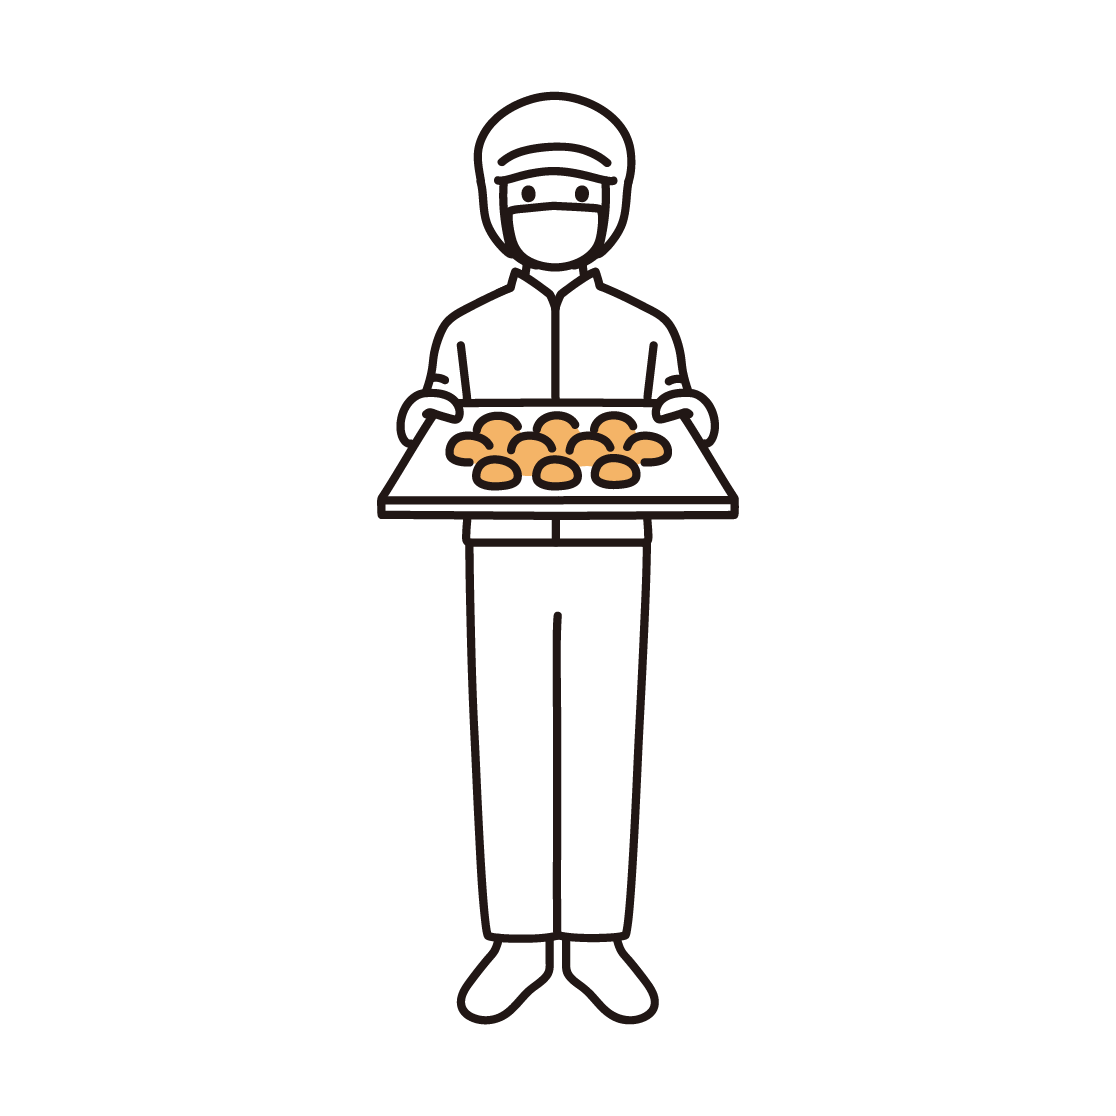 パン工場の男性スタッフのイラスト